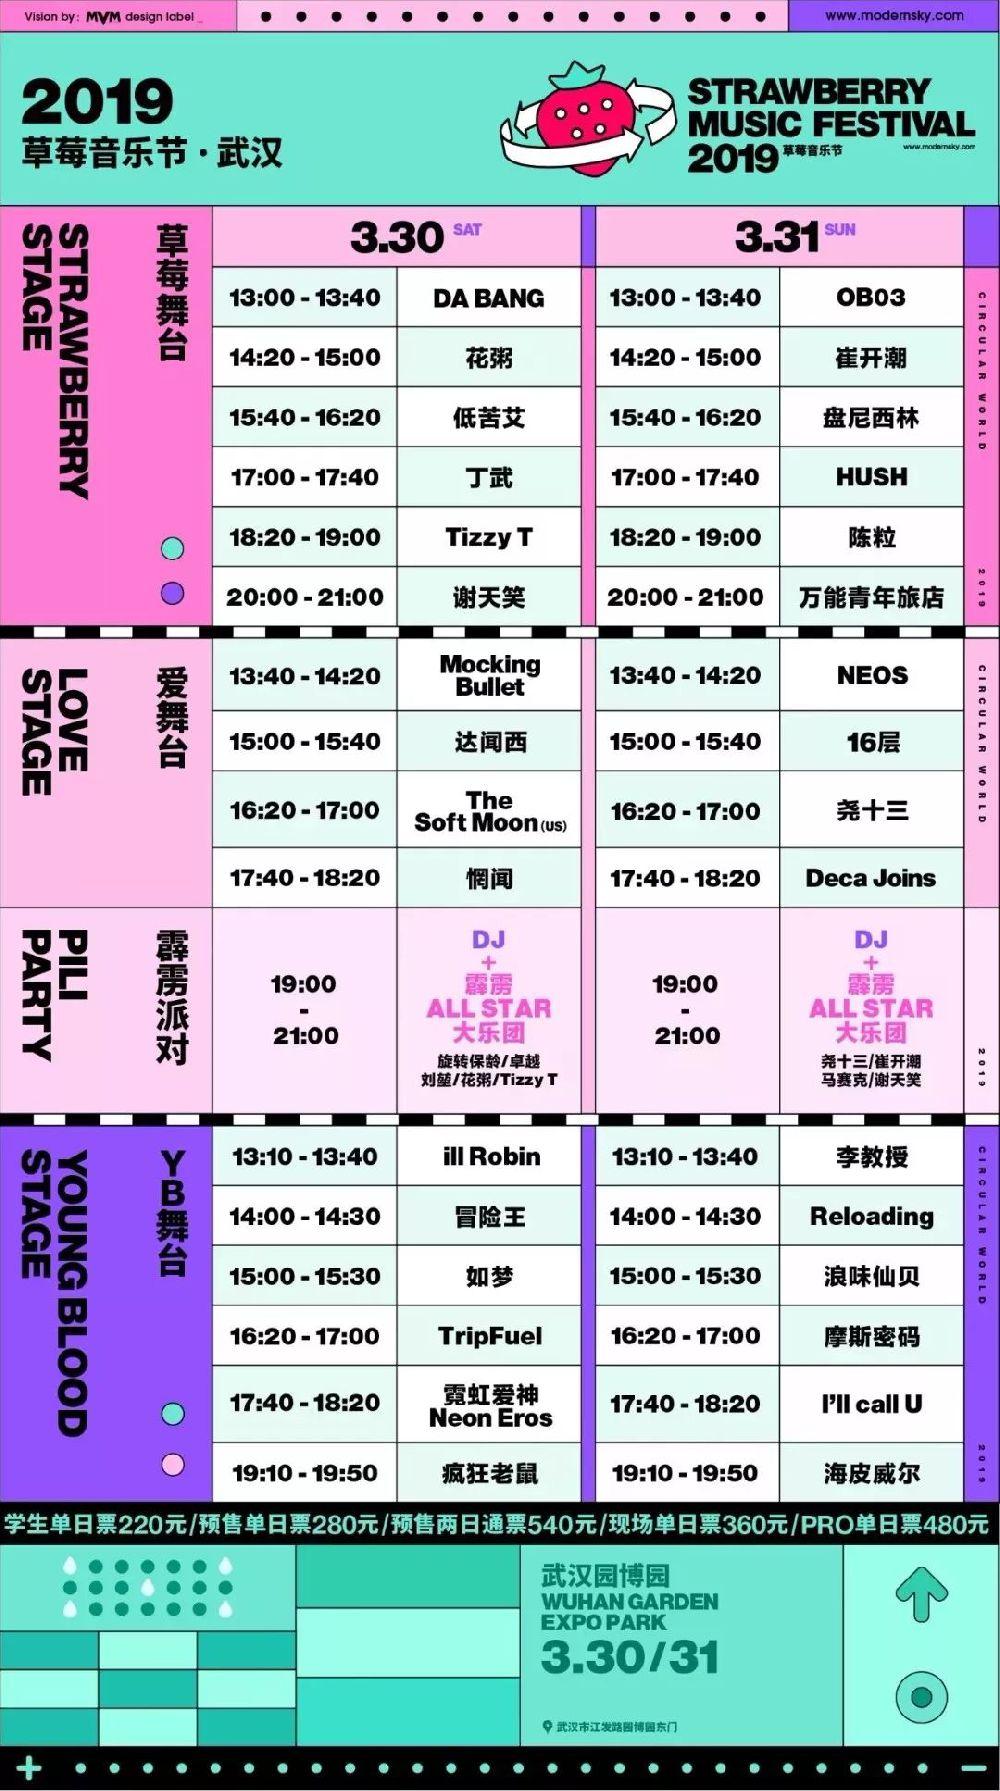 2019草莓音乐节阵容